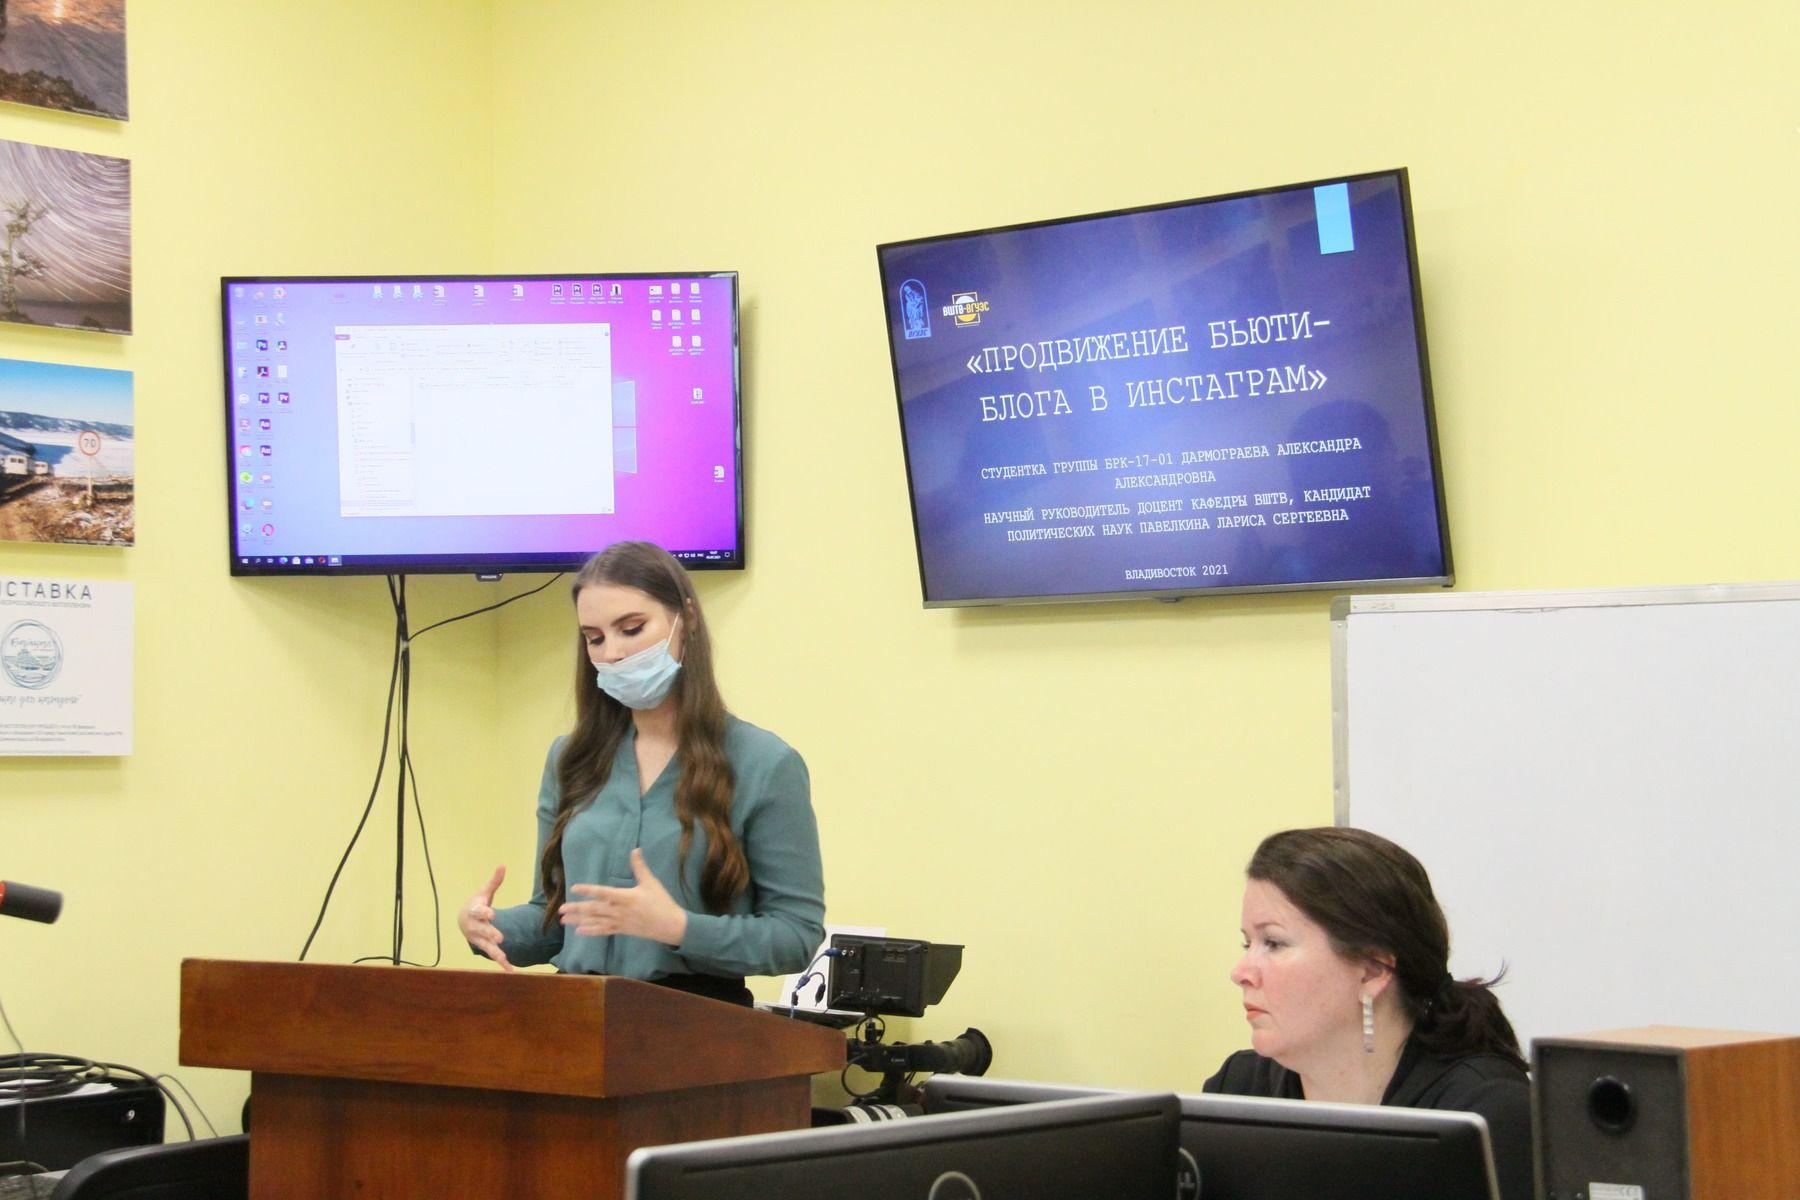 Дипломные проекты выпускников Высшей школы телевидения ВГУЭС появятся на студенческом канале YouTube